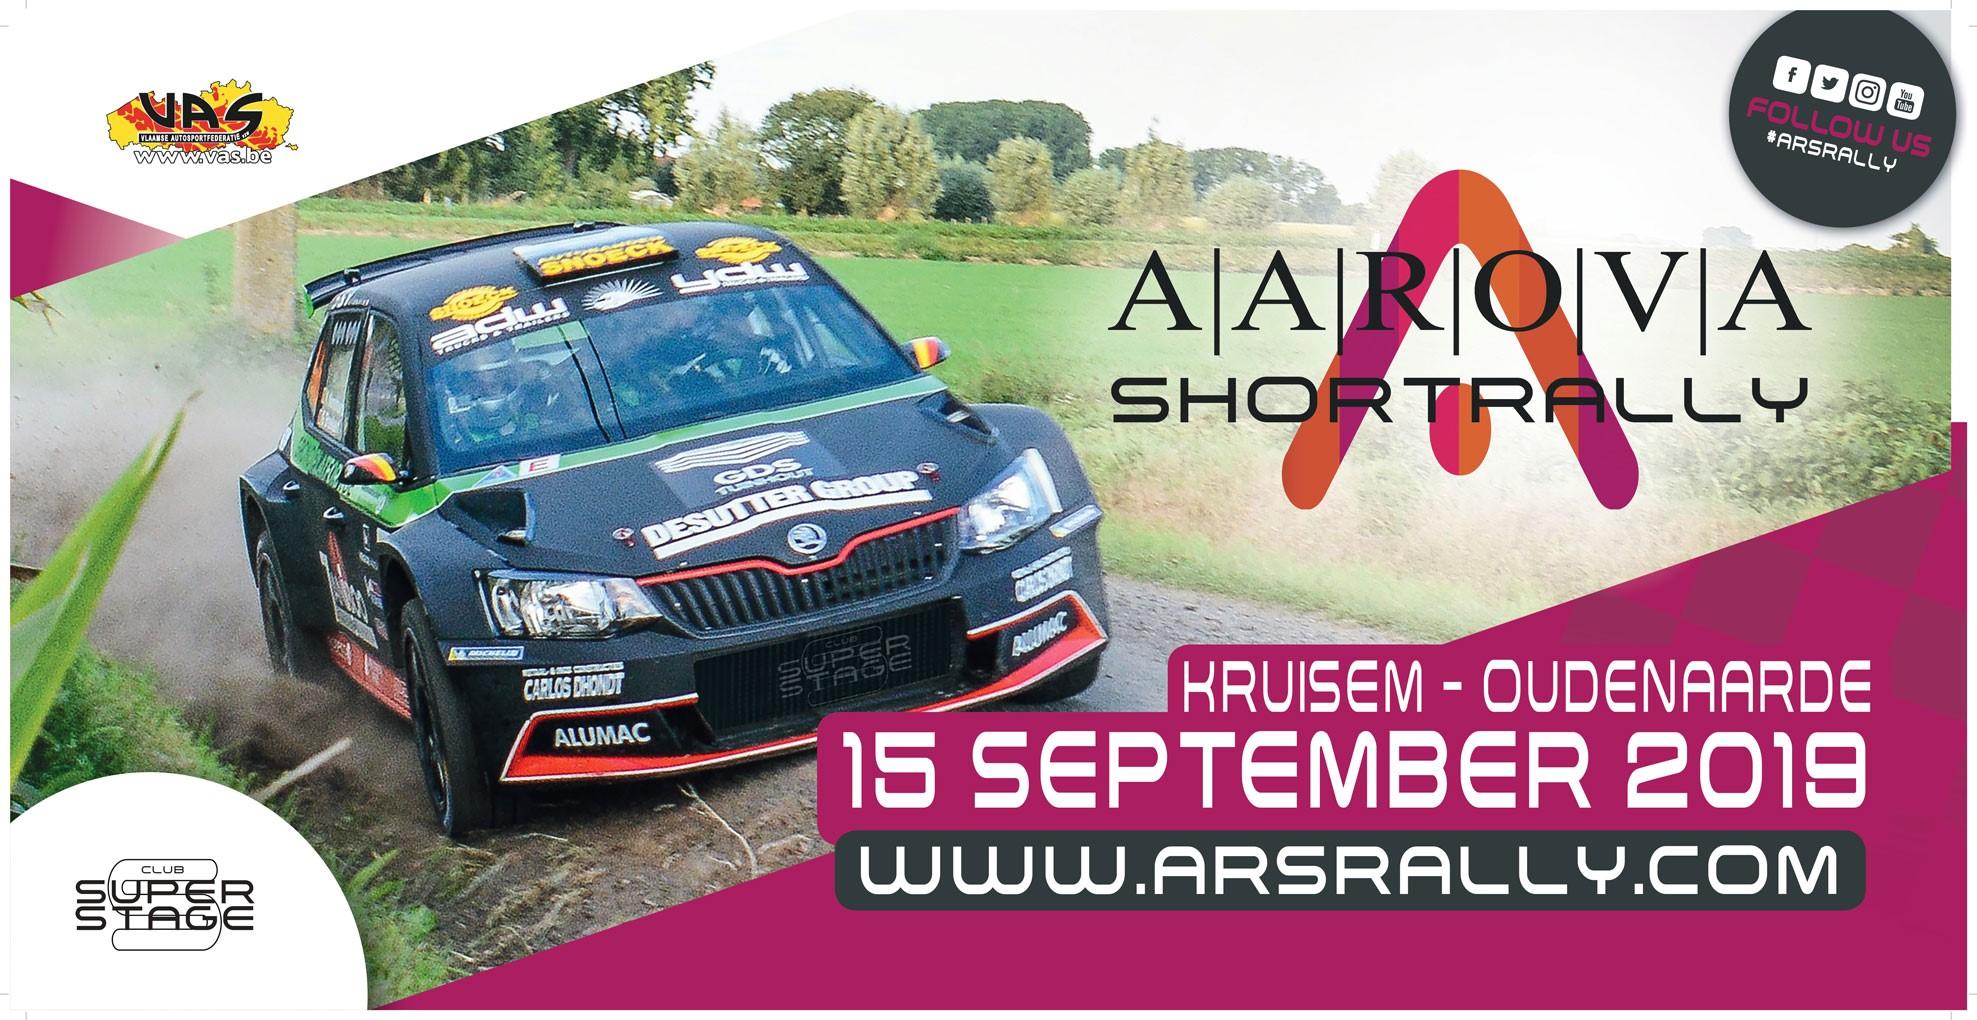 Grandioos rallyfeest in de Vlaamse Ardennen